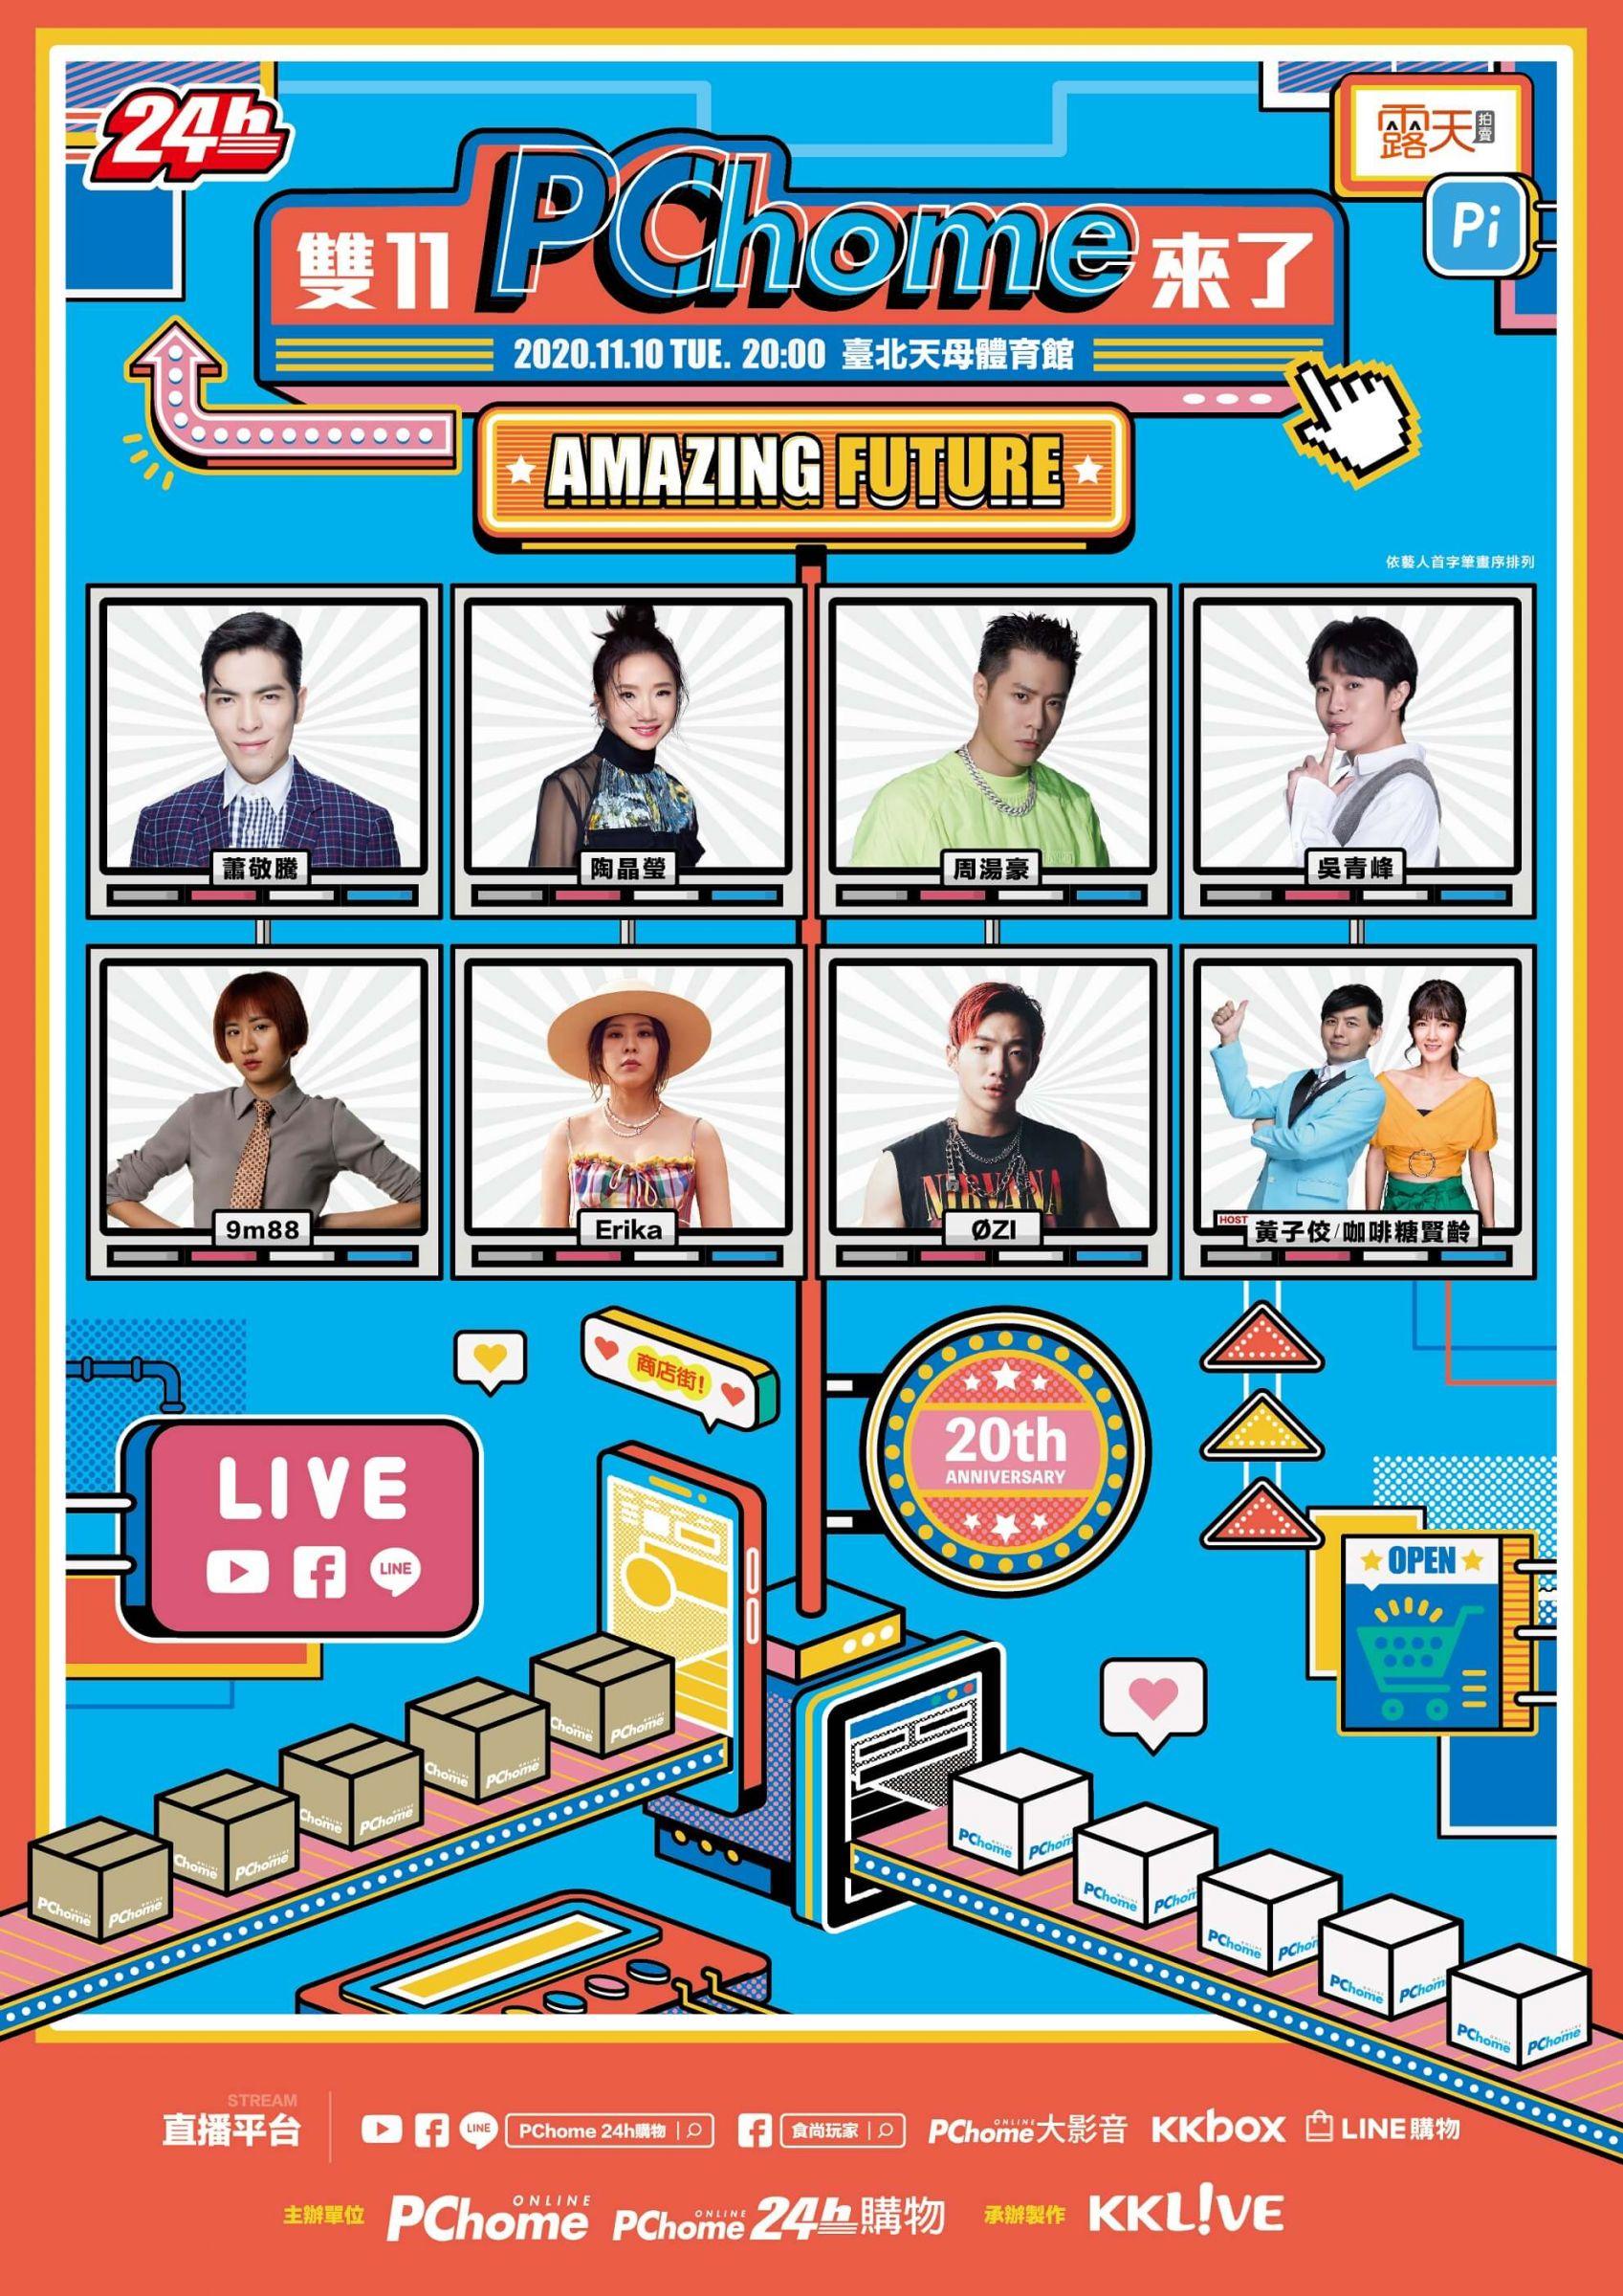 雙11演唱會來啦!「吳青峰、蕭敬騰」超豪華演唱陣容大公開